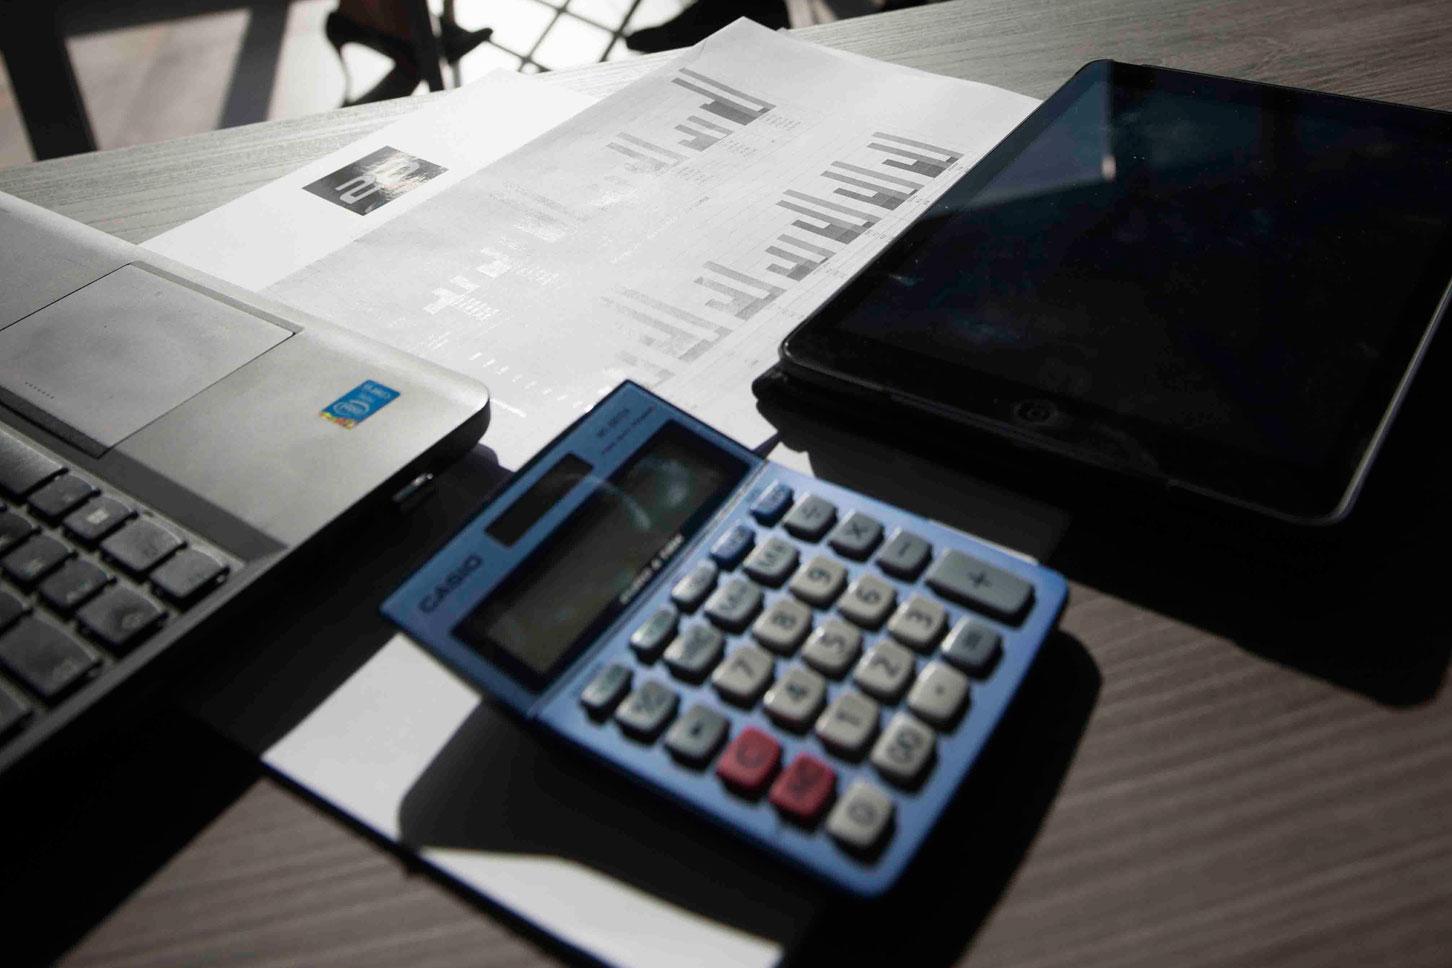 Pr sentation du groupe 2b cabinet d 39 expertise comptable - Organigramme cabinet expertise comptable ...